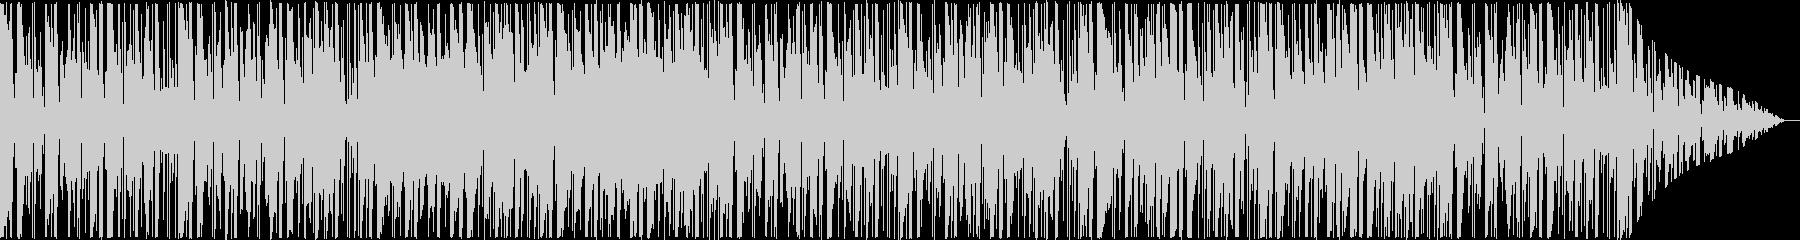 定番曲:のどかな日常の未再生の波形